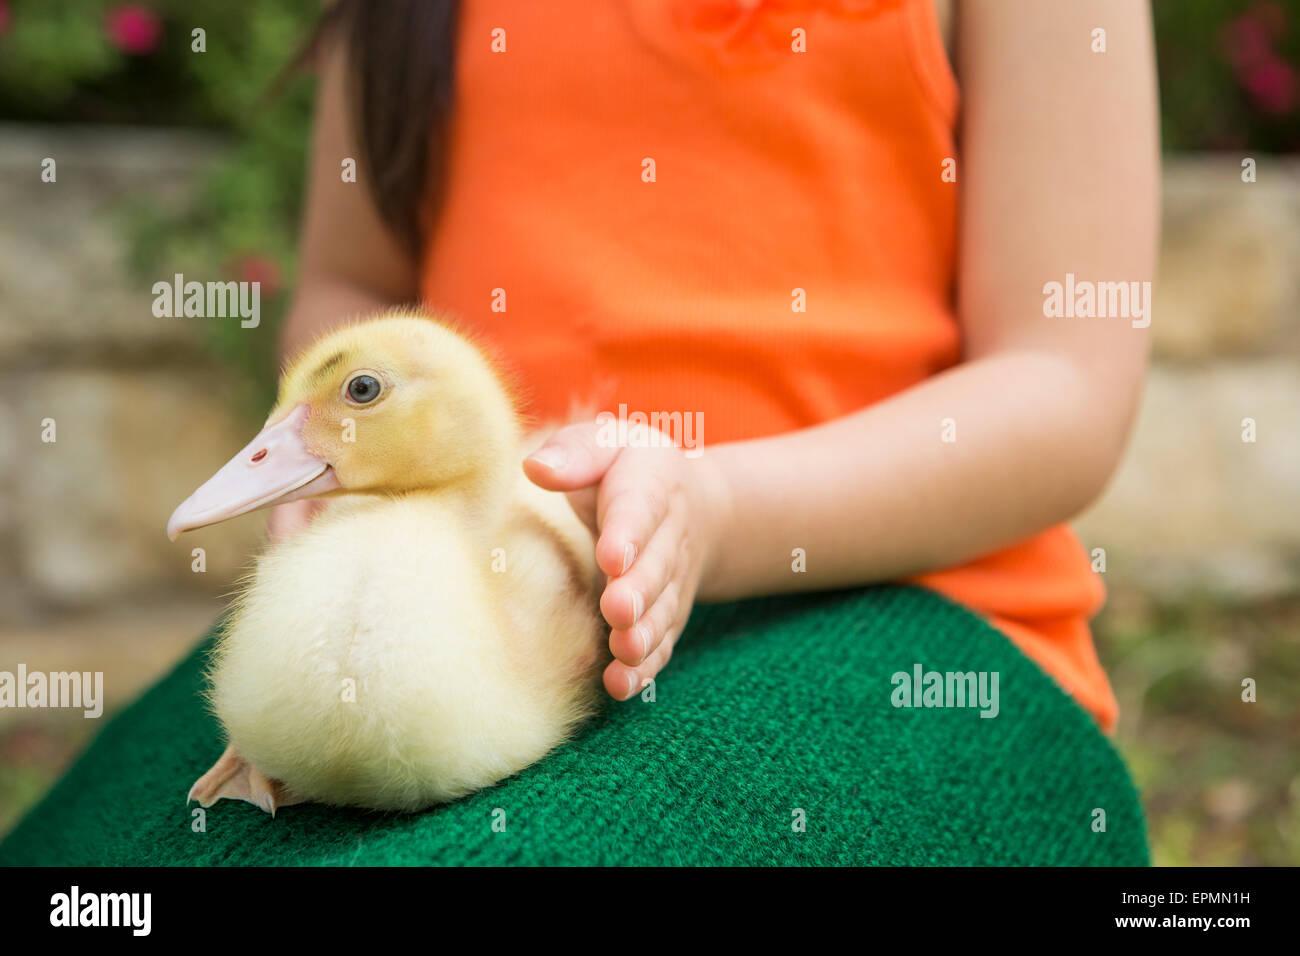 Ein Kind mit einem Entenküken auf dem Schoß. Stockbild